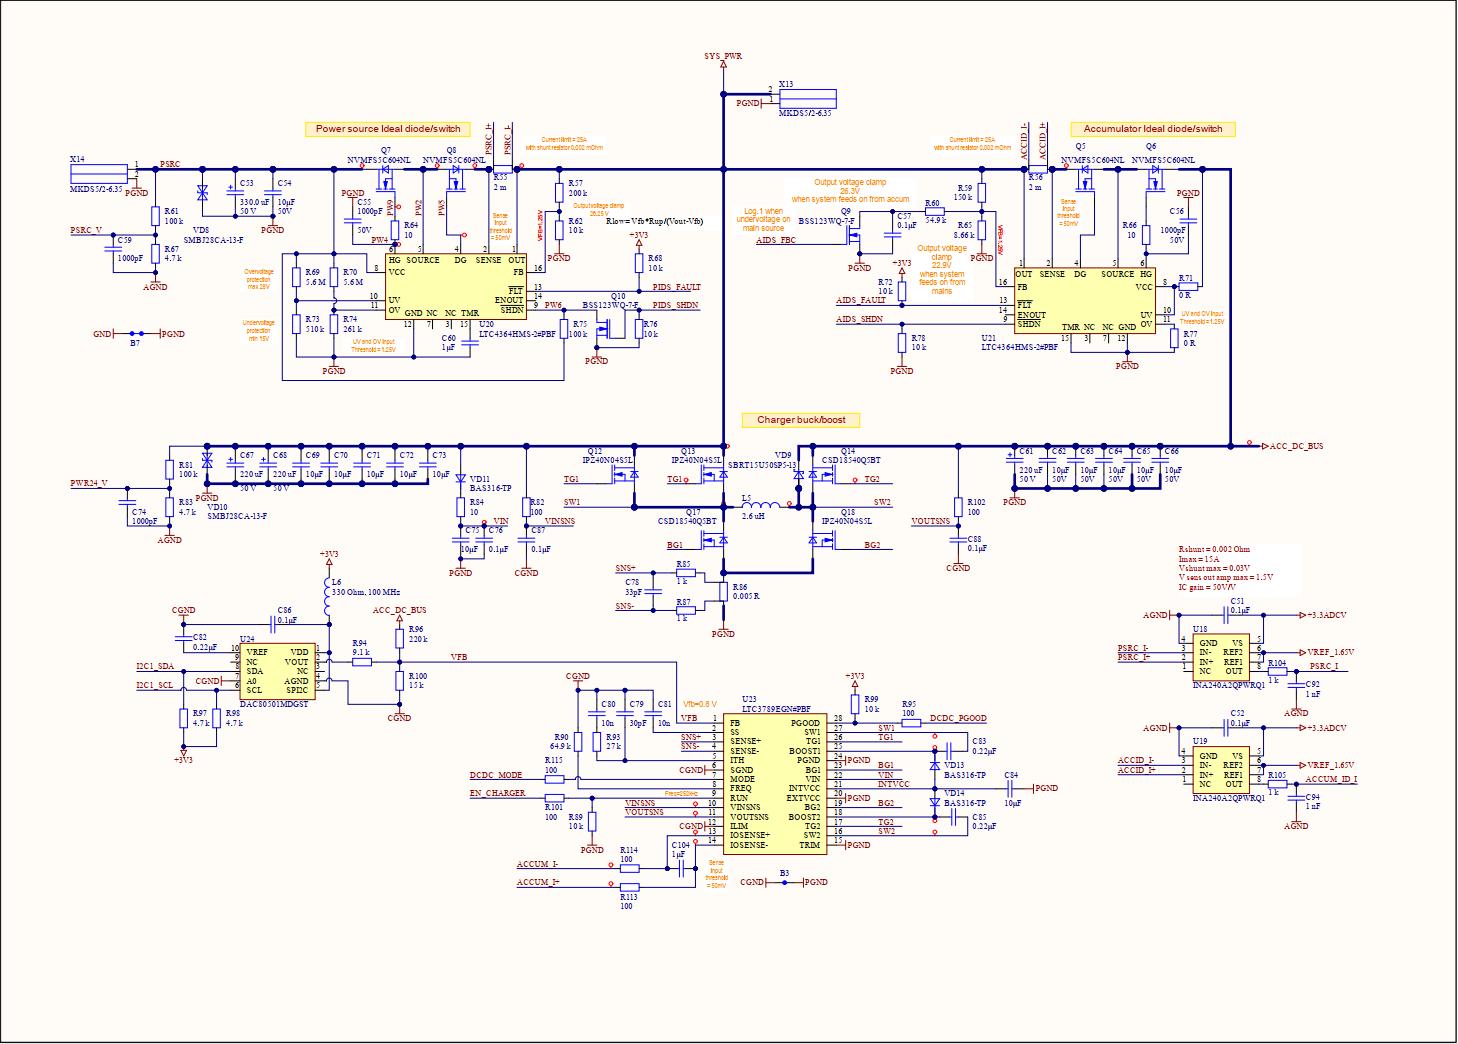 Лист 1. Идеальный диод источника питания, идеальный диод цепи питания системы от аккумулятора и DC/DC преобразователь зарядника.